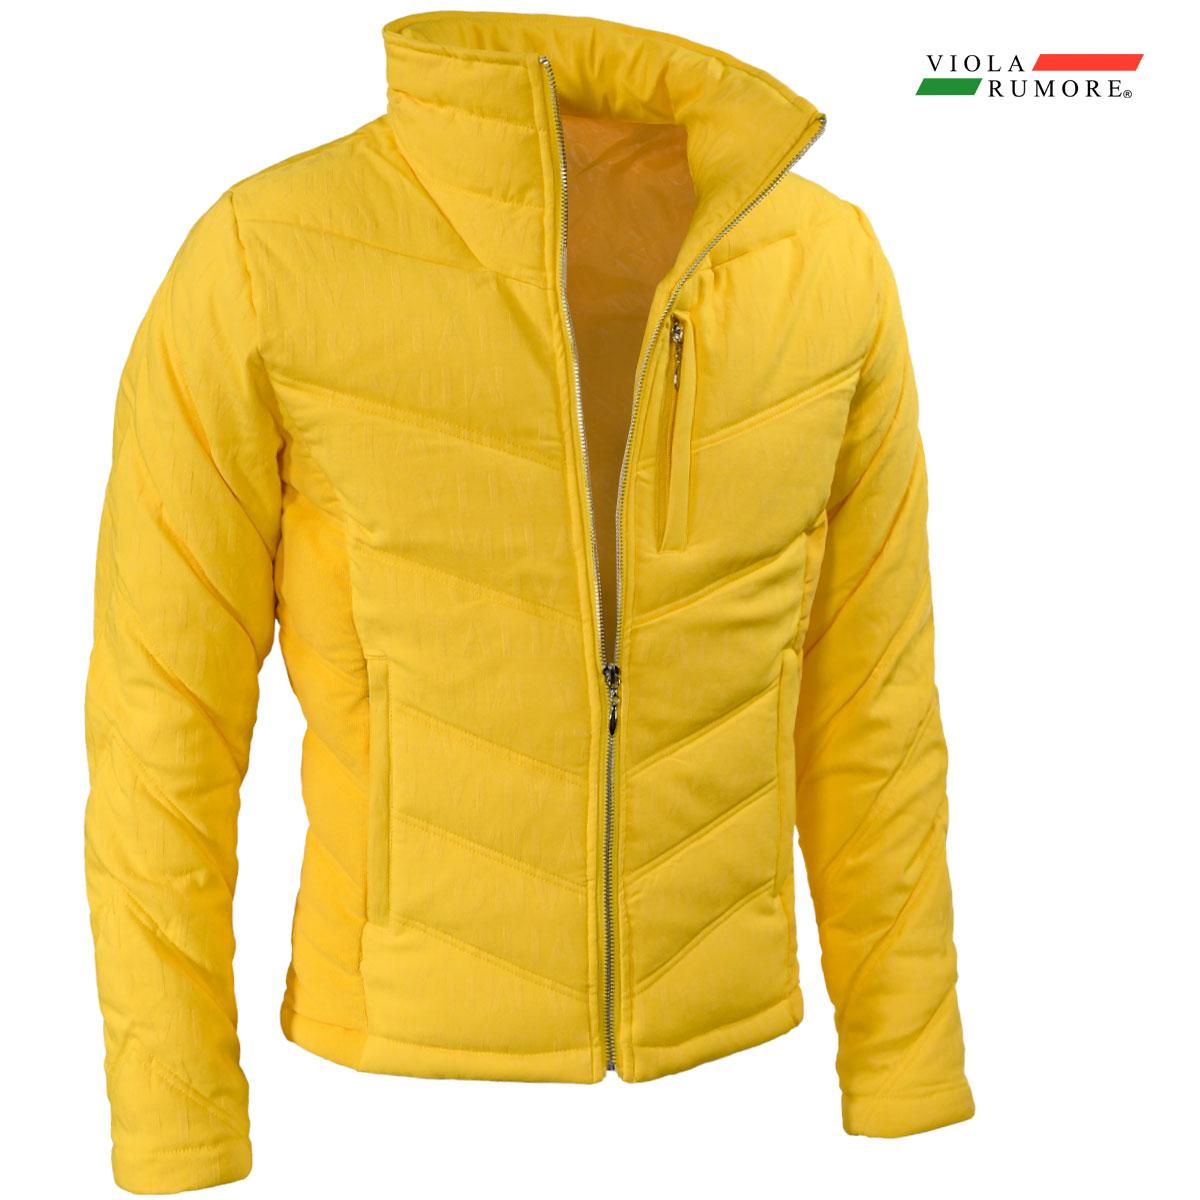 VIOLA rumore ヴィオラ ビオラ 中綿ジャケット メンズ ジャガード 切り替え アウター フルジップジャケット mens(イエロー黄)